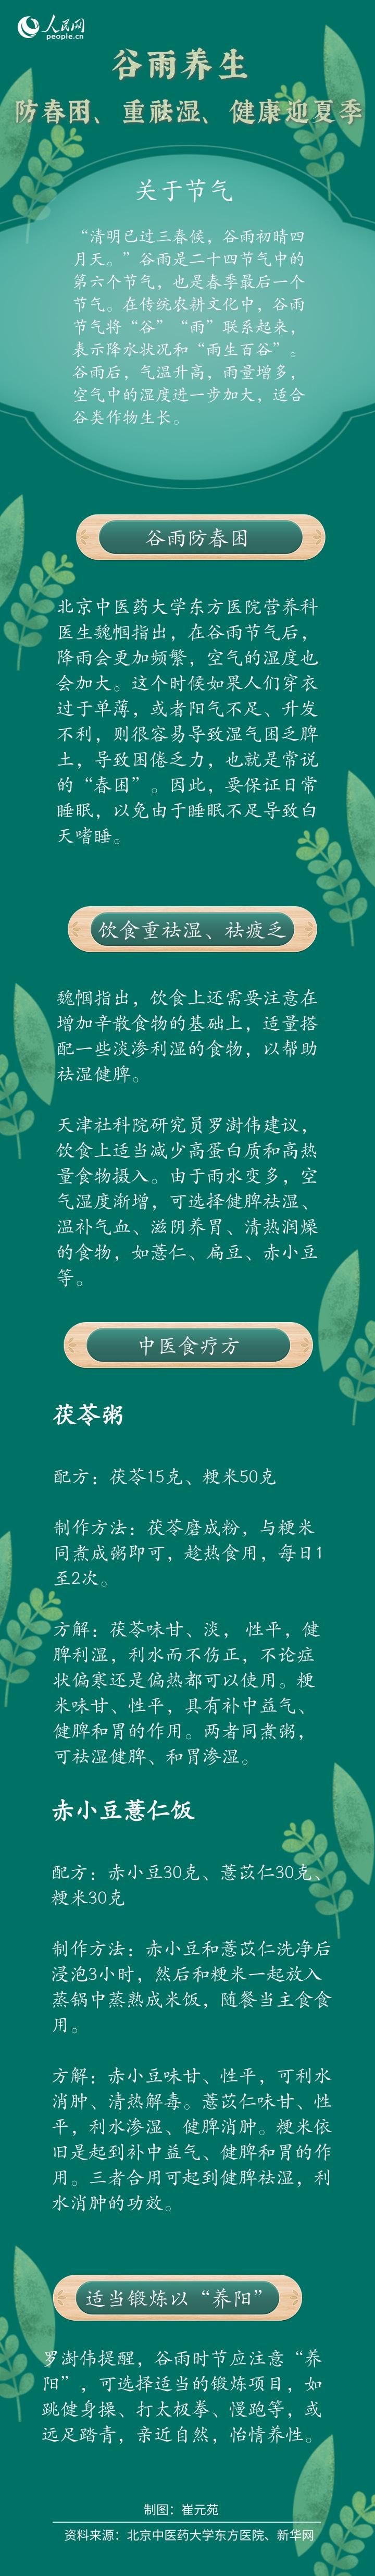 谷雨养生:防春困、重祛湿、健康迎夏季  养生 第1张